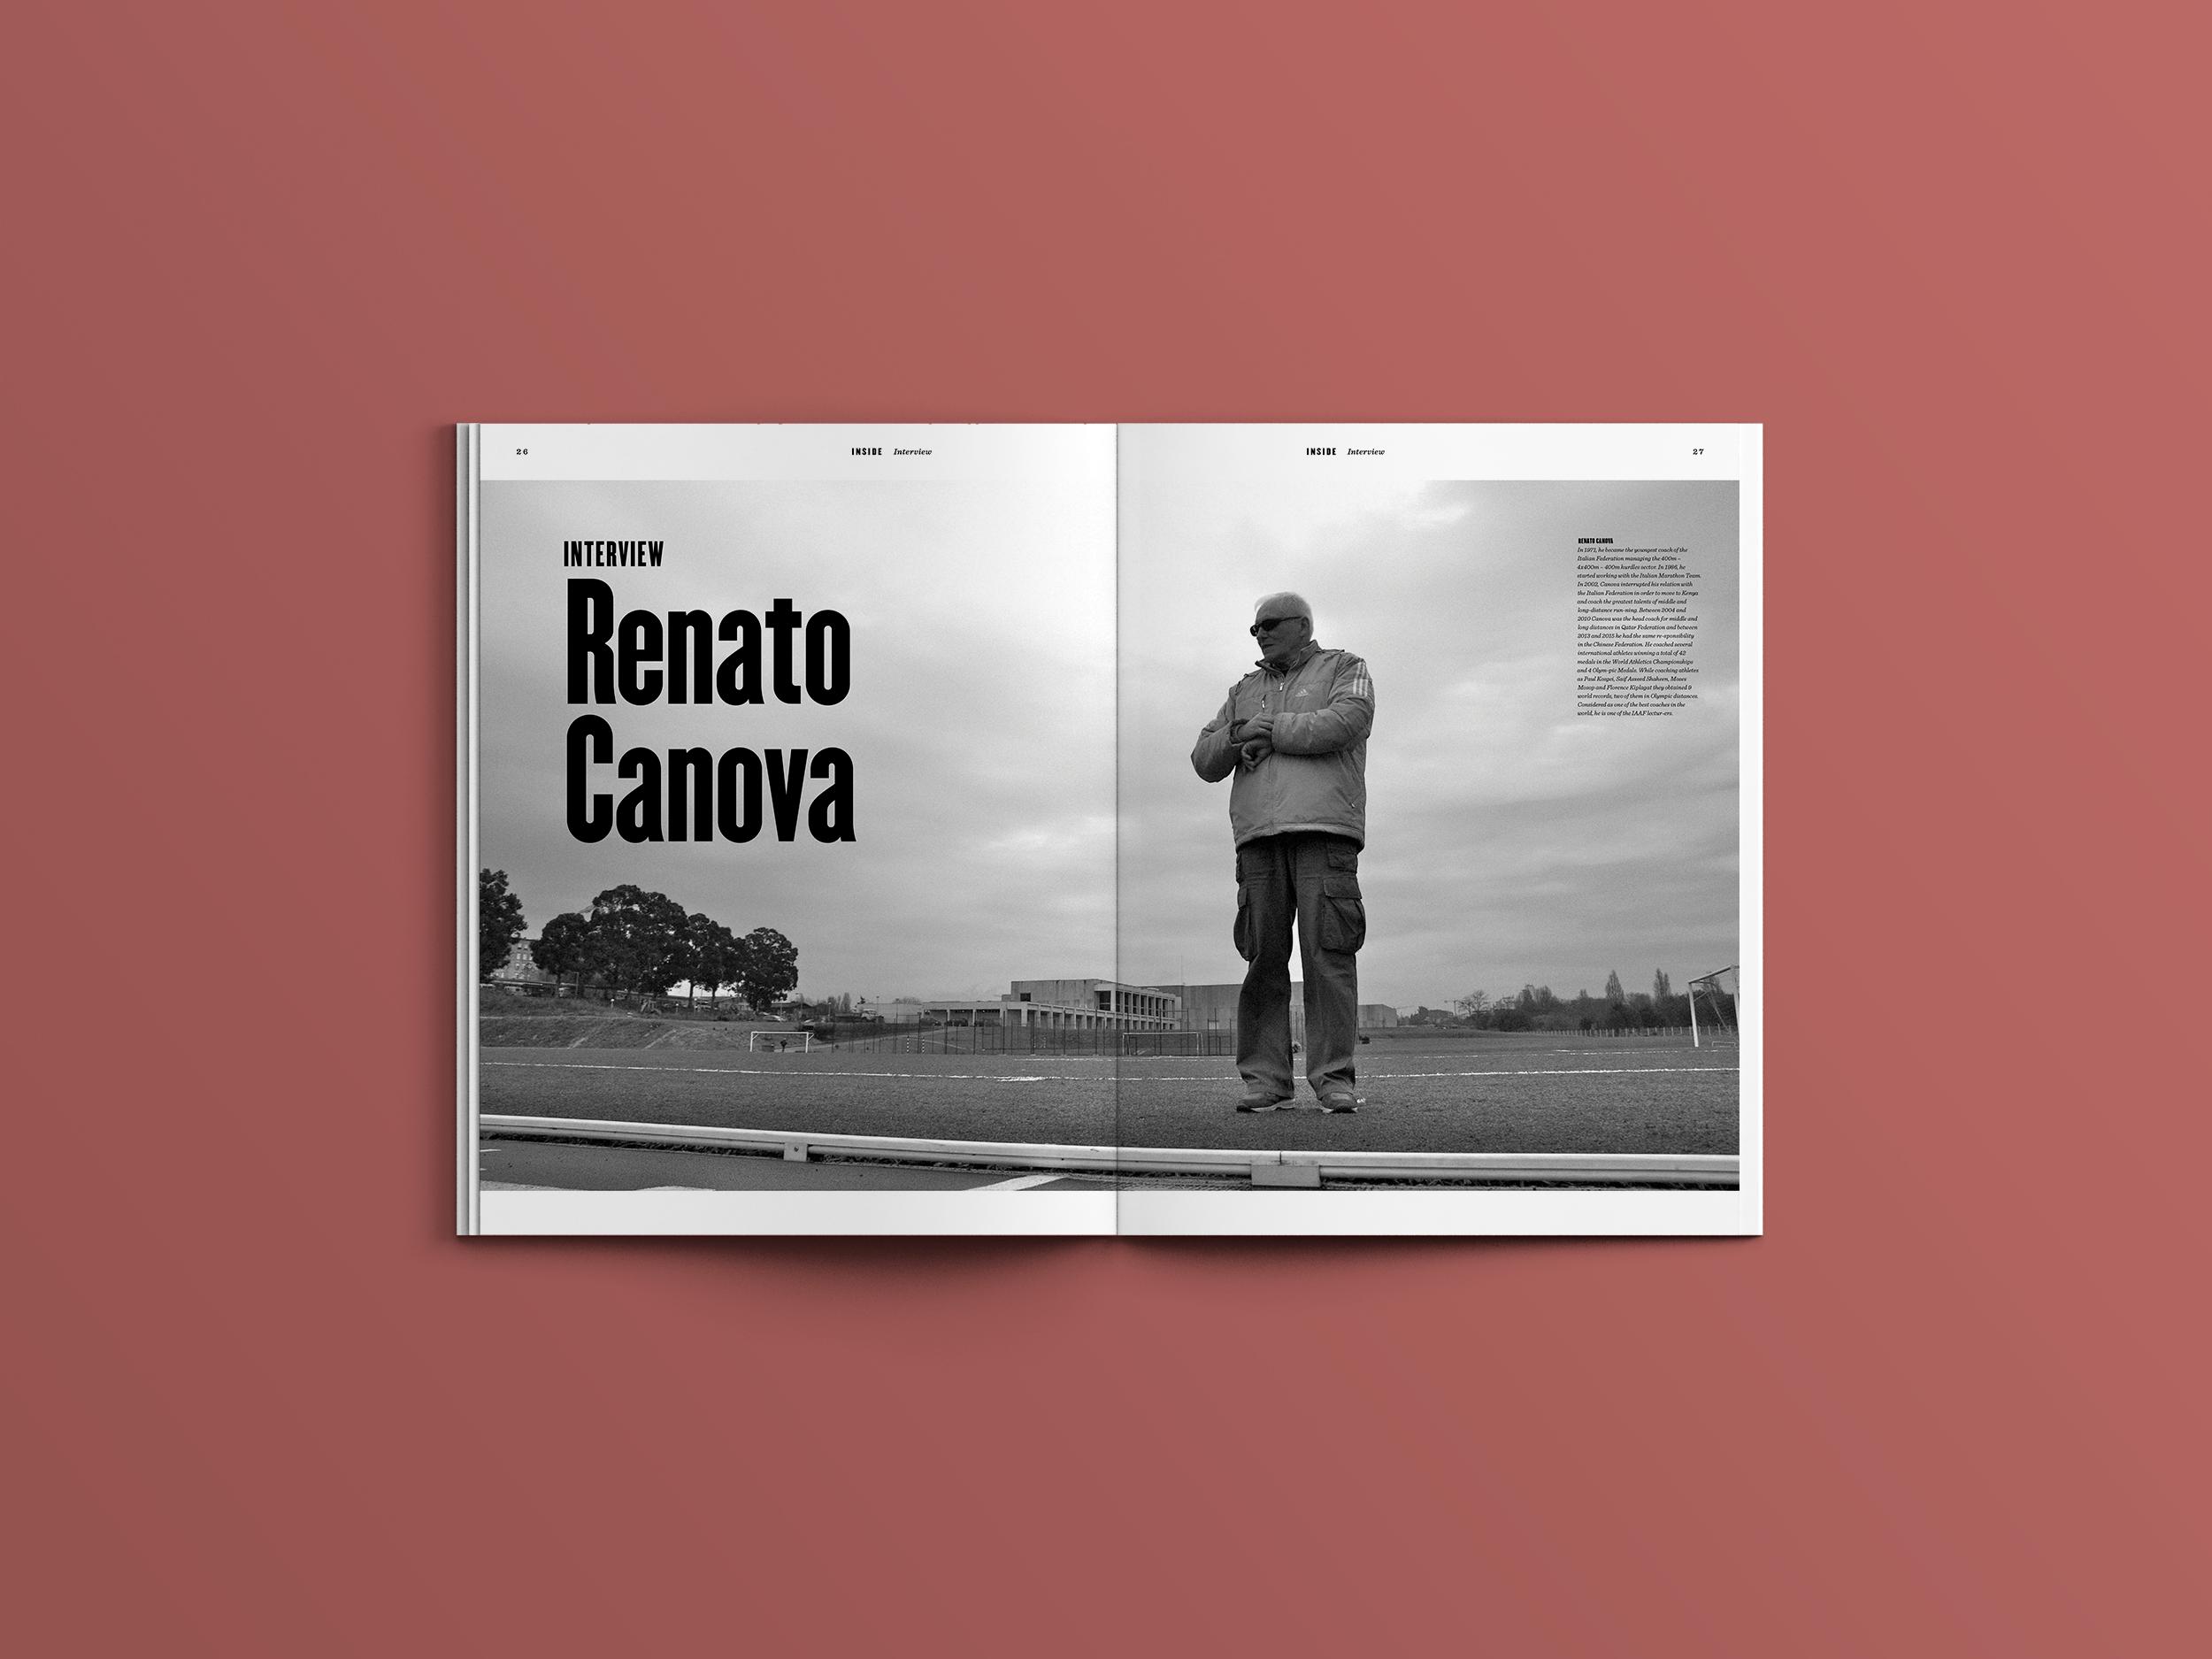 Renato Canova é um treinador italiano que soma 42 medalhas em Campeonatos do Mundo e 4 medalhas olímpicas. Tem ainda 9 recordes do mundo obtidos por atletas treinados por si e deixou uma entrevista notável na edição nº3.